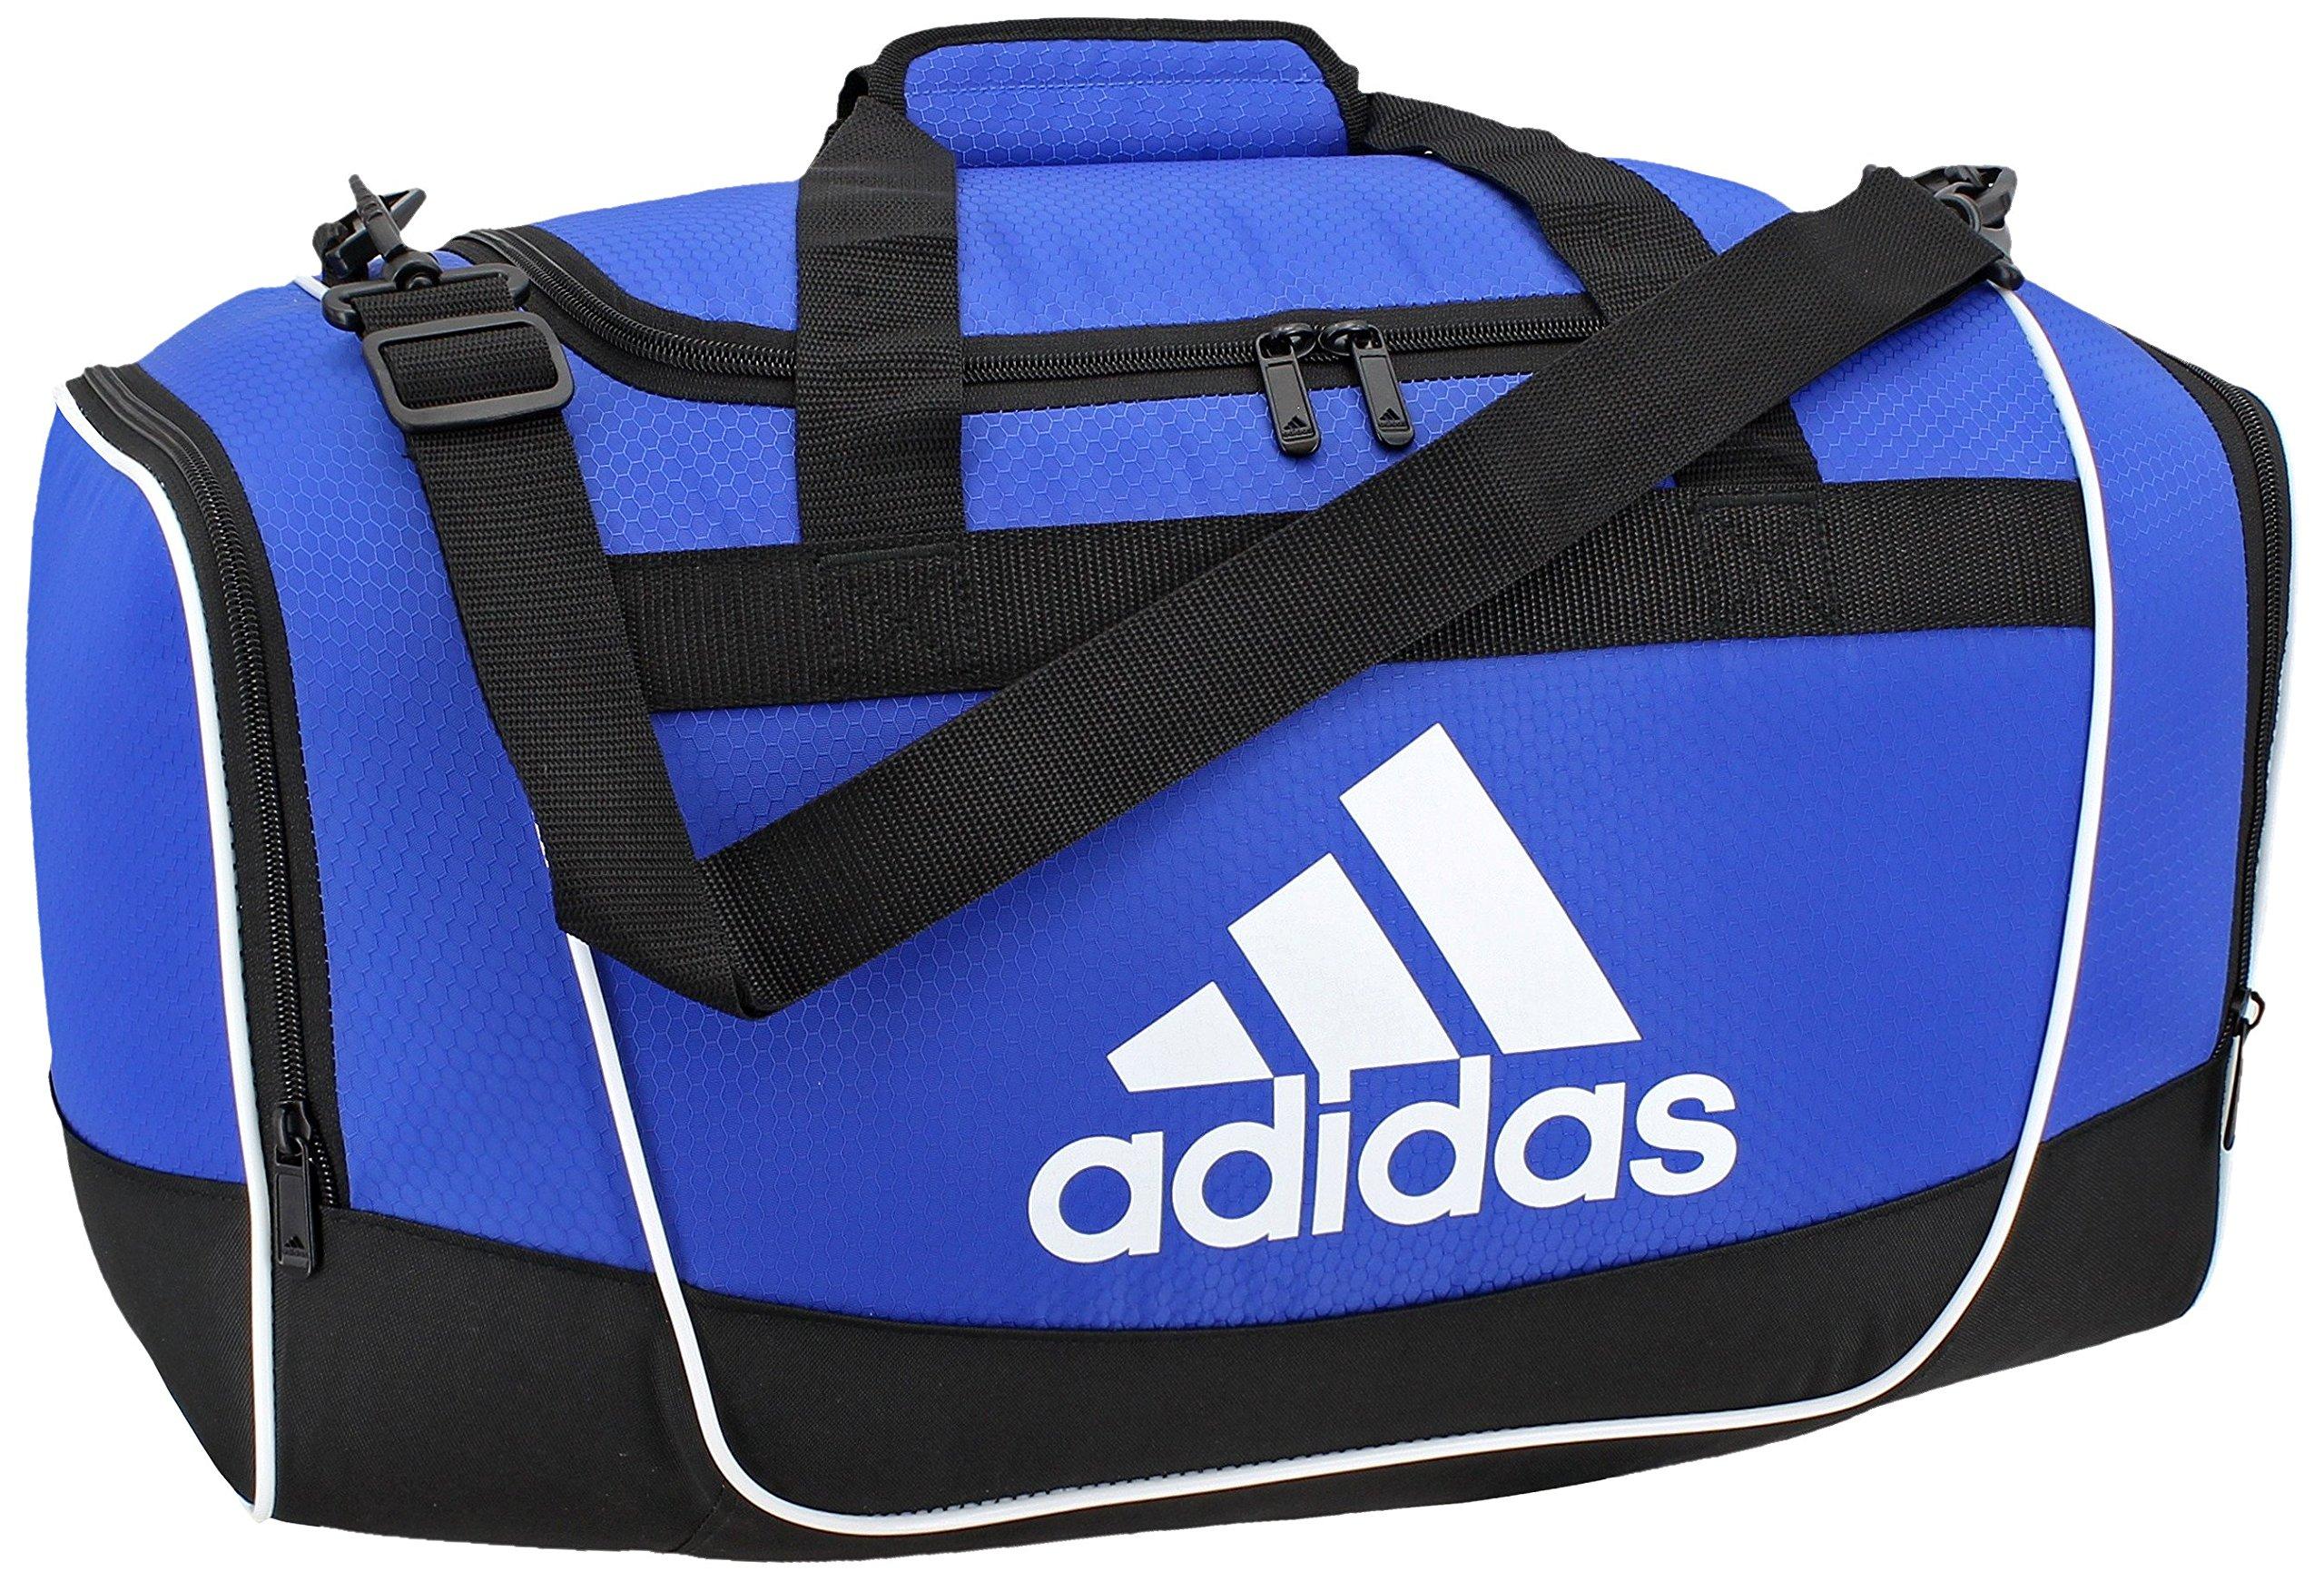 f72c0f50e108d4 adidas Defender II Duffel Bag, Bold Blue, Medium - Defender II ...